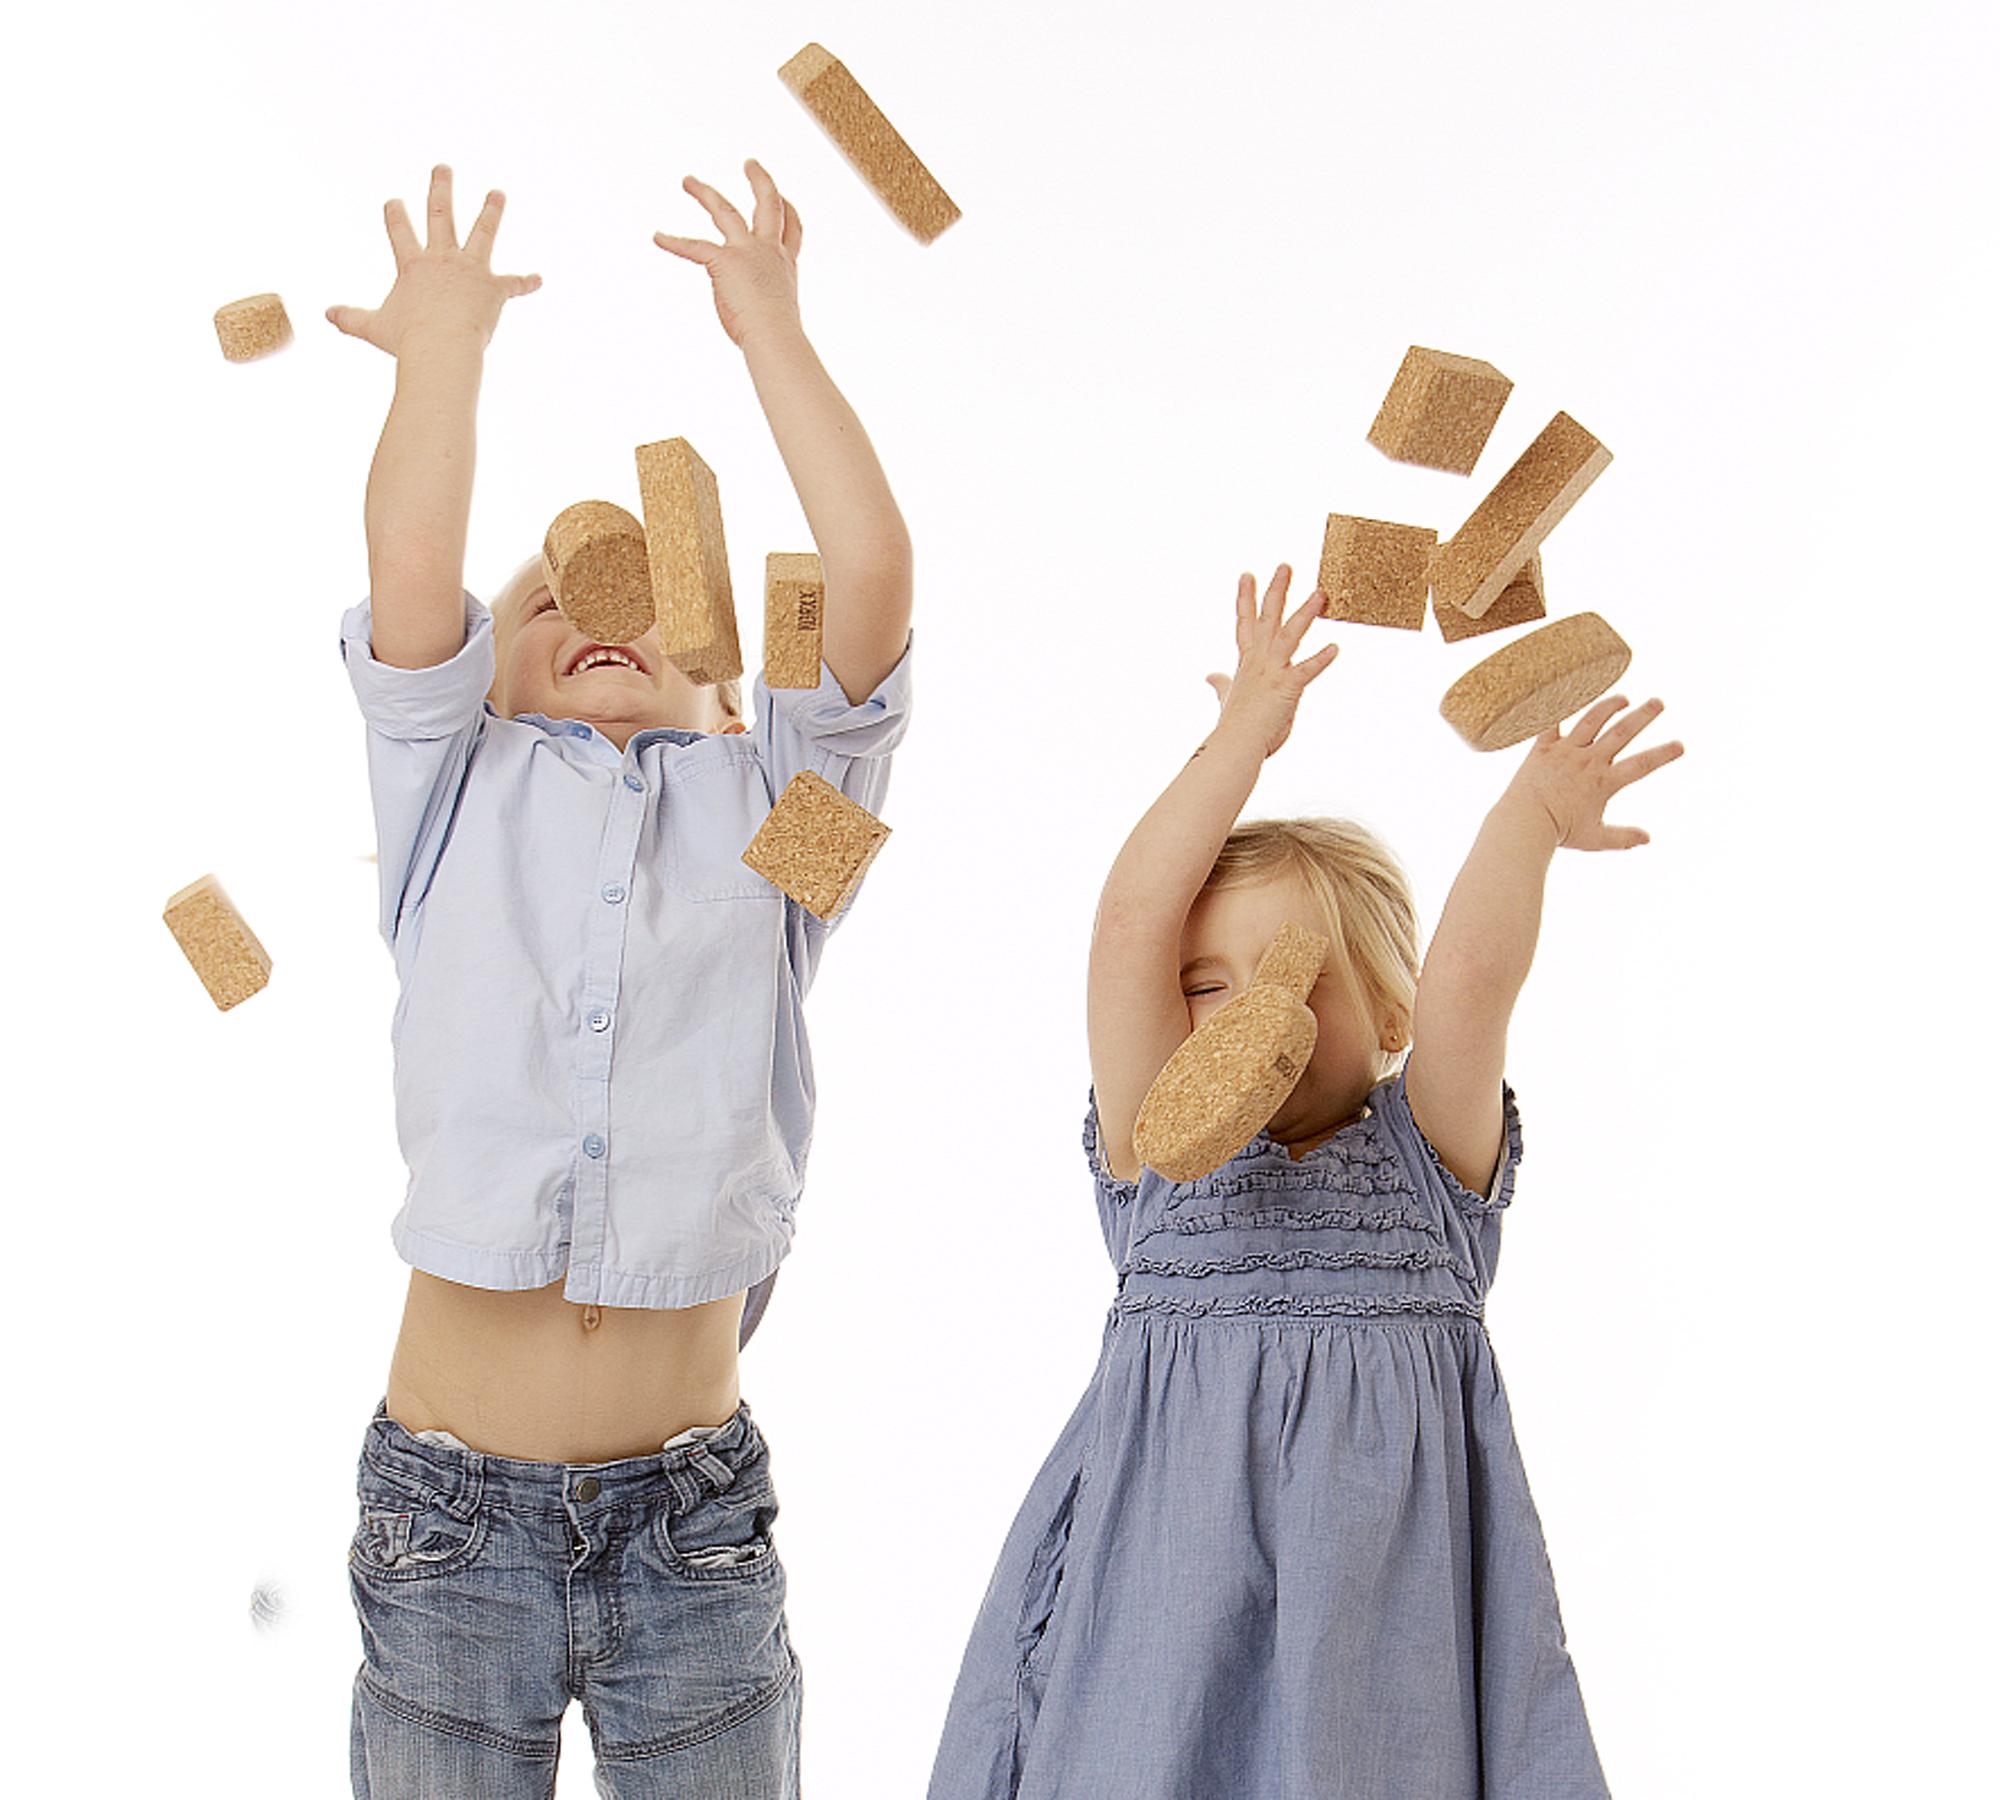 Kreatives Spielzeug für Kinder: KORXX // HIMBEER